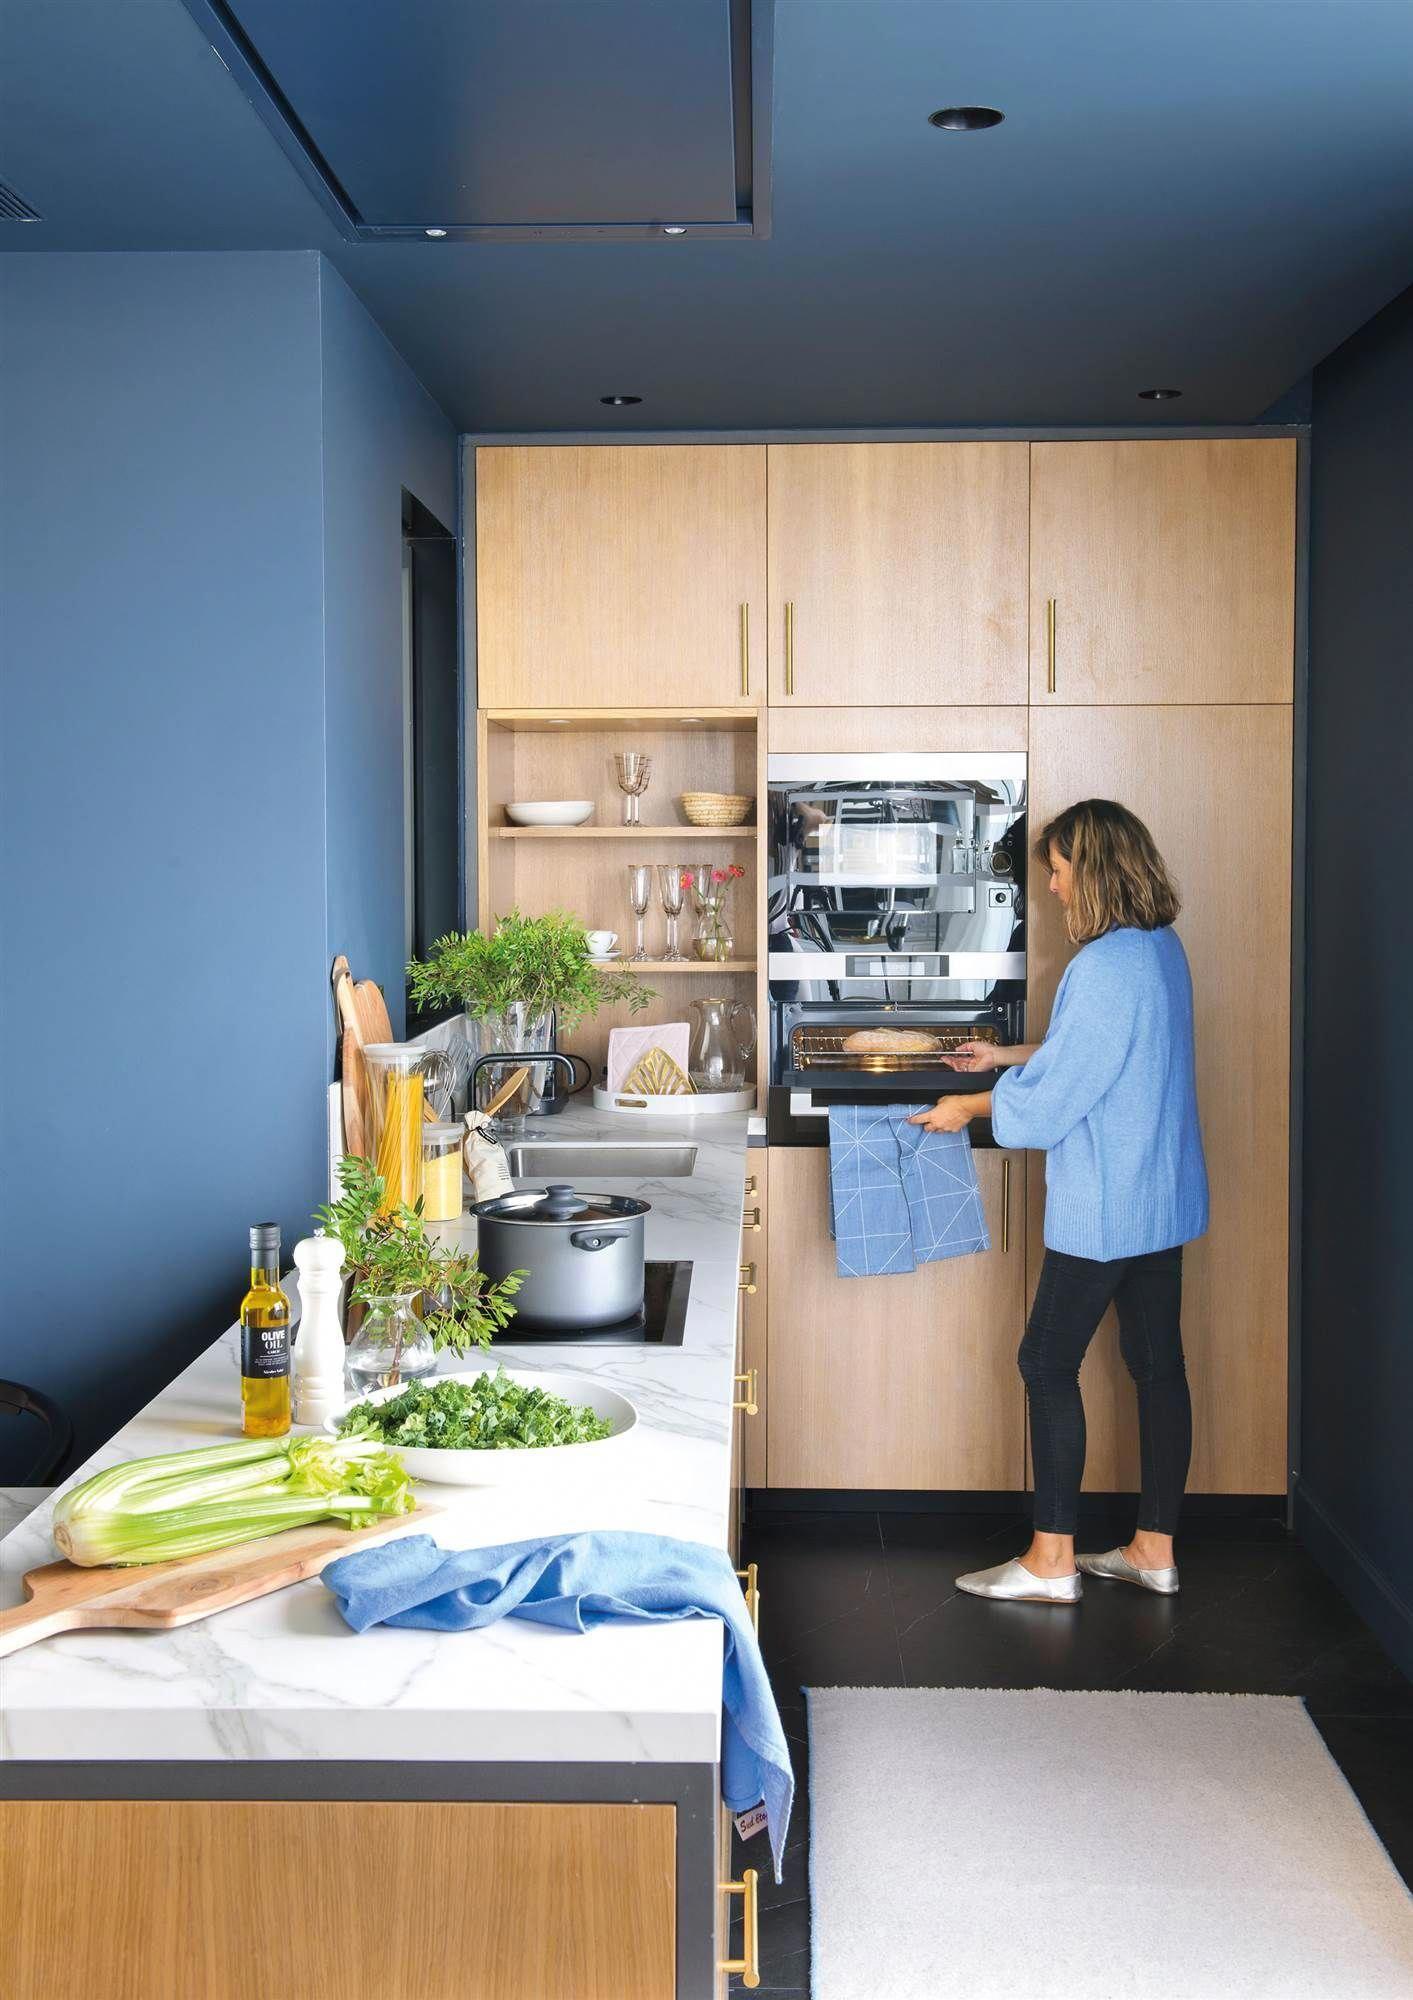 Cocina Con Paredes Y Techo En Azul Y Muebles De Madera Elmueble Ideas Decoracion Cocina Color Cocinas Blancas Cocinas Blancas Modernas Encimeras De Cocina